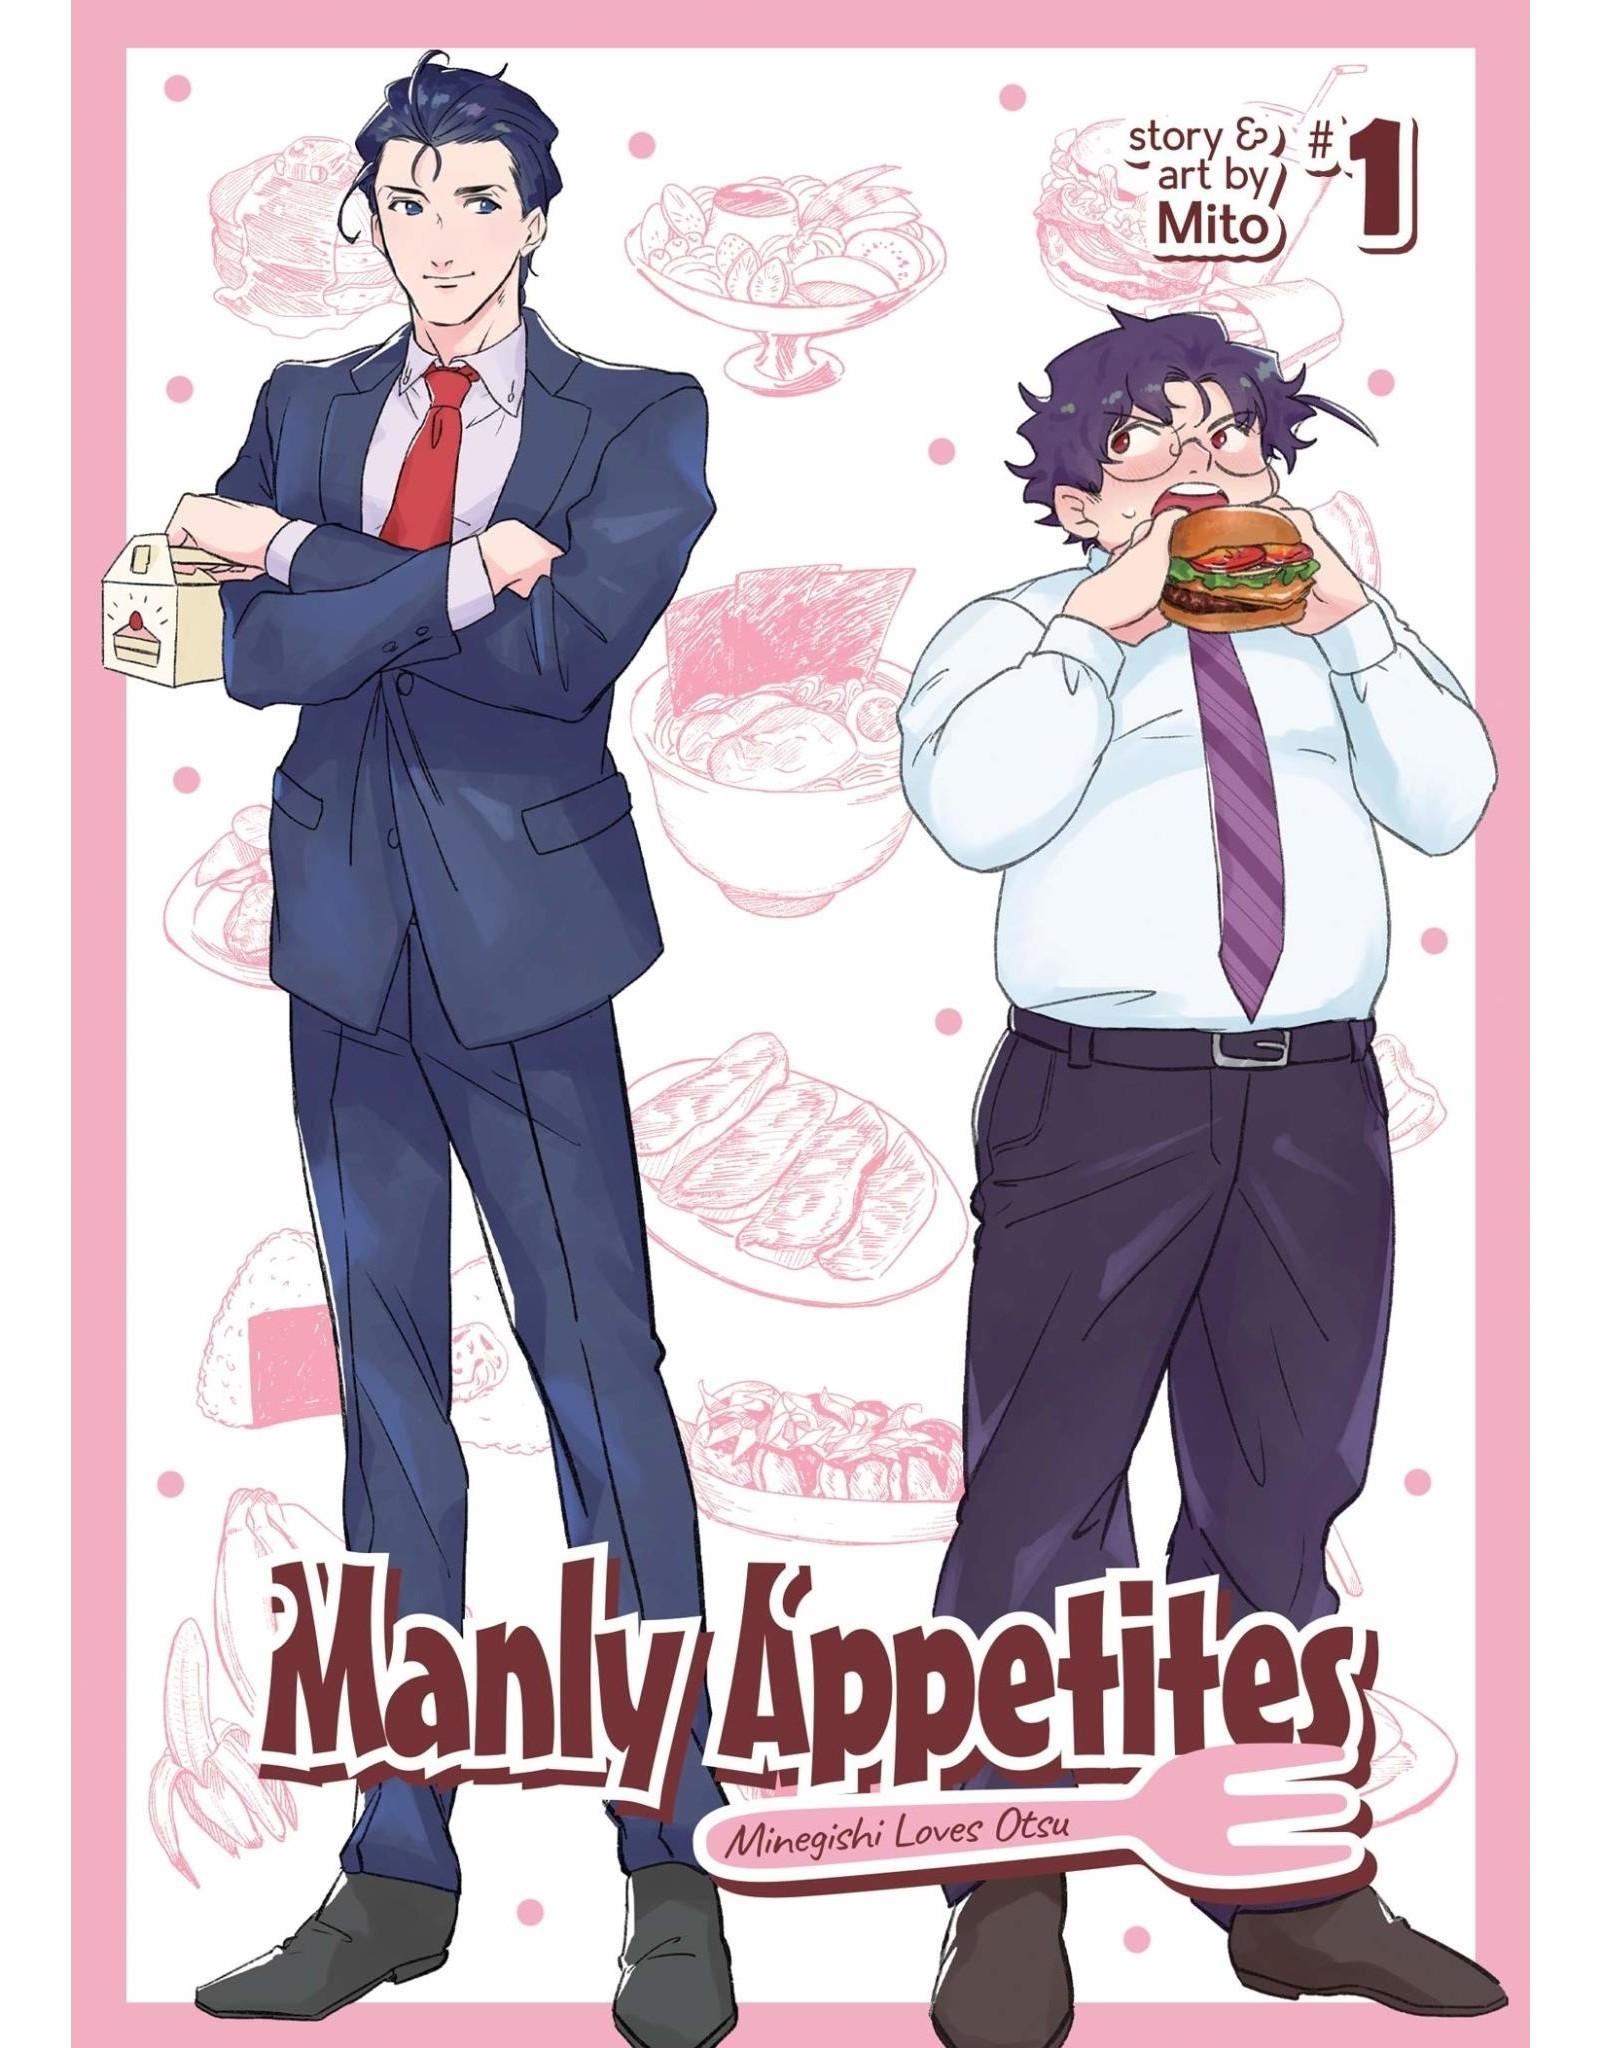 Manly Appetites: Minegishi Loves Otsu (English)